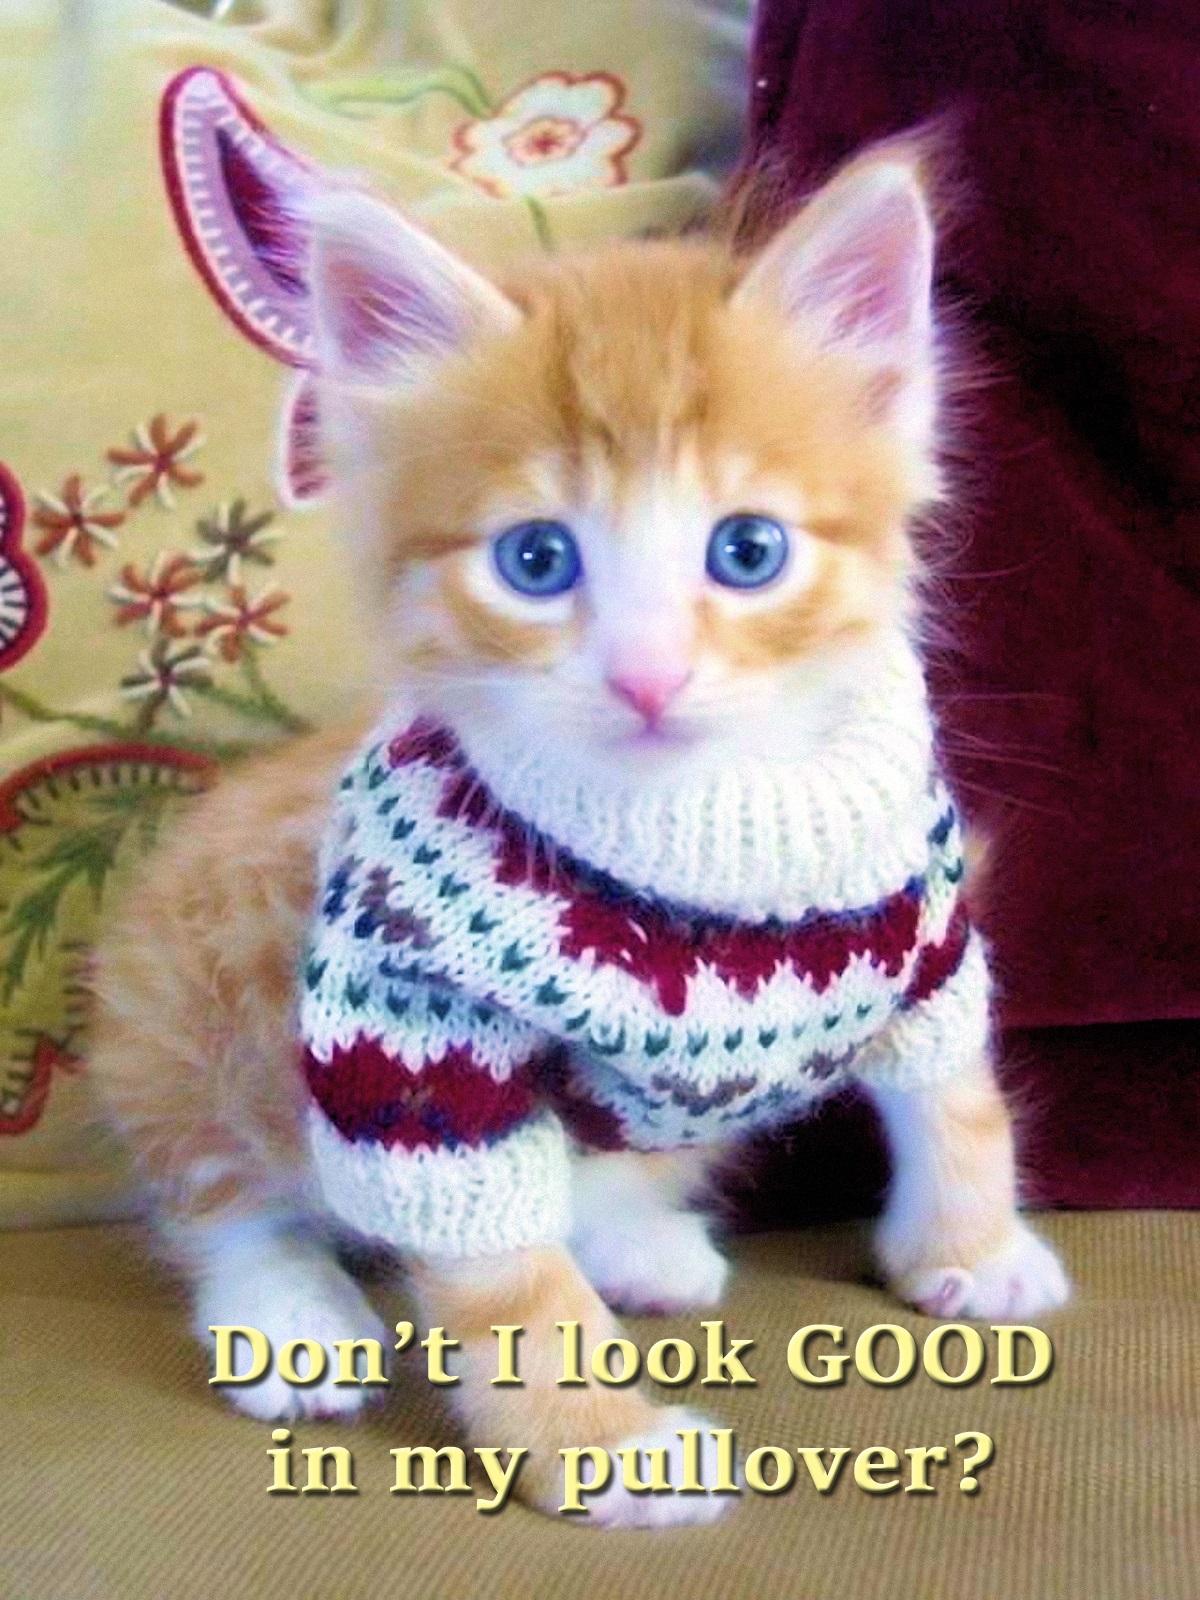 00 cat 310716